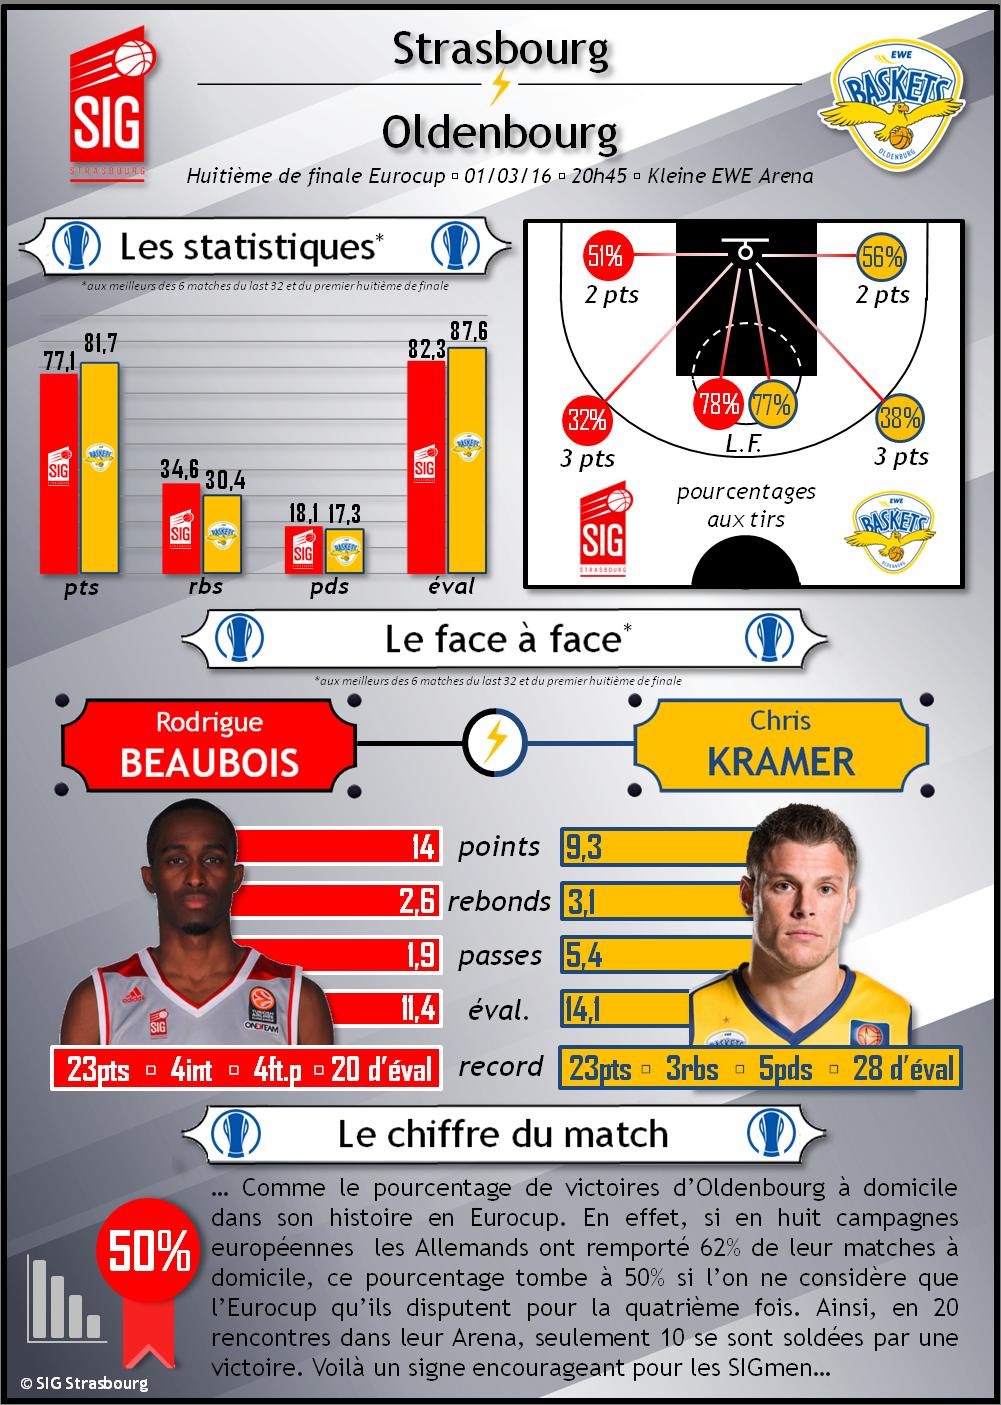 infographie Oldenbourg-SIG